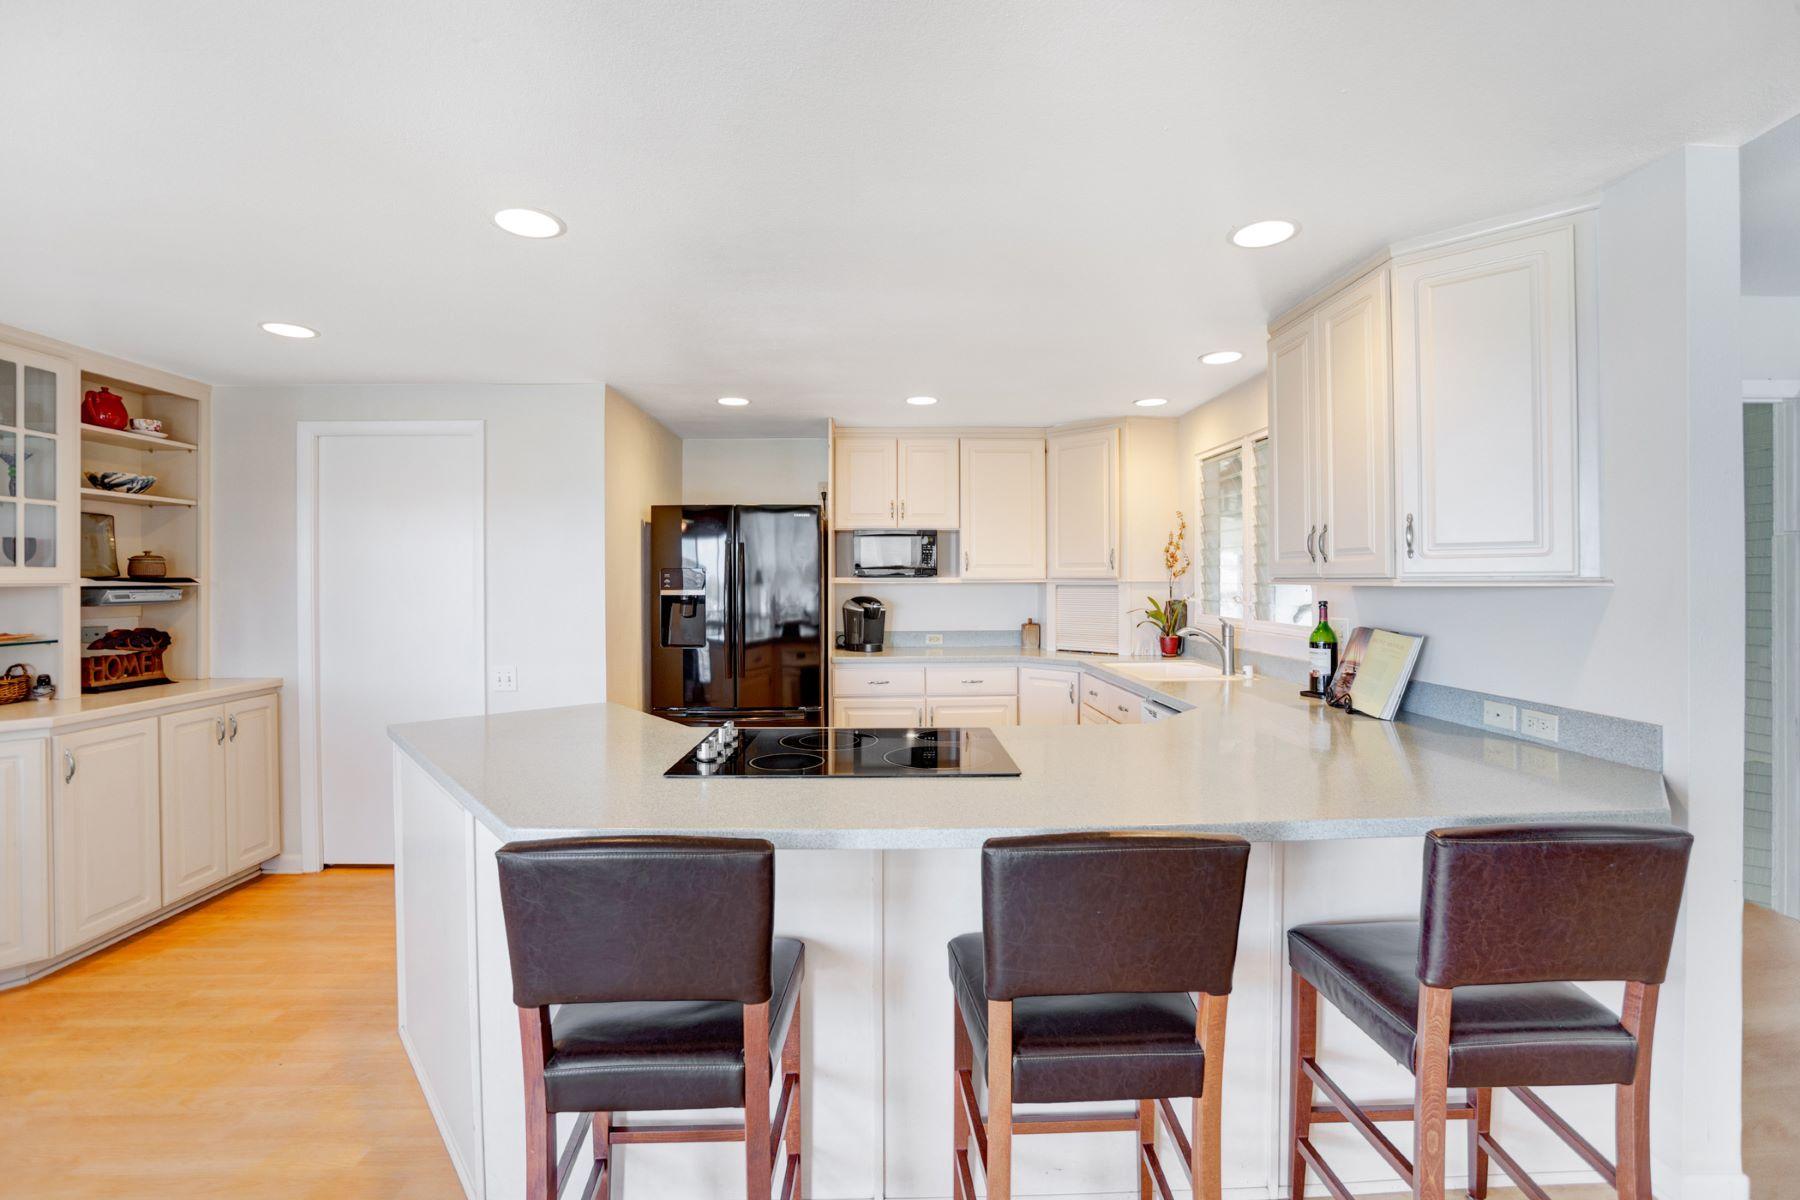 独户住宅 为 销售 在 Dream Home on the Ridge 826 Kaahue Street Mariners Ridge, 火奴鲁鲁, 夏威夷, 96825 美国